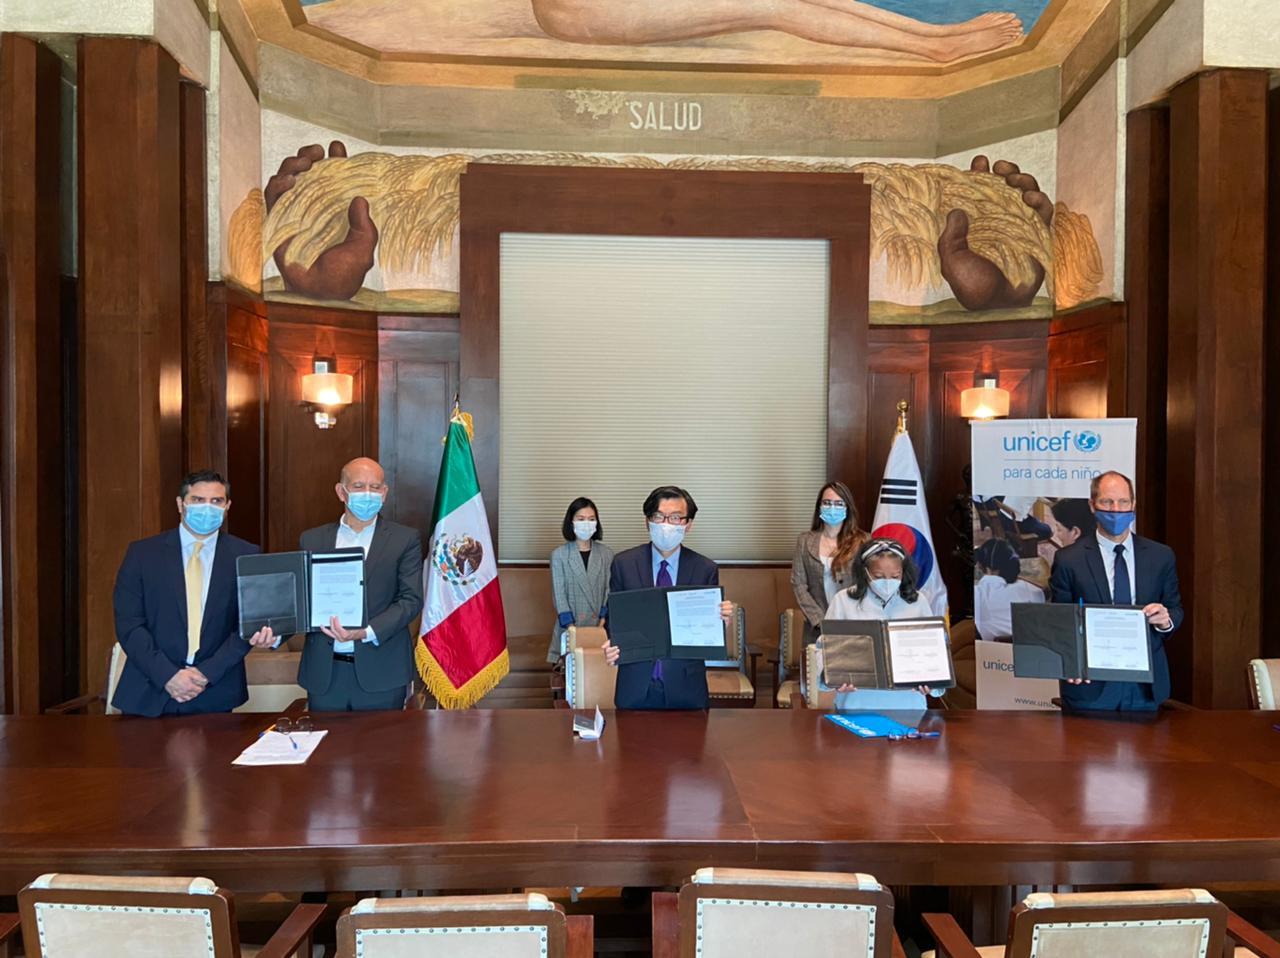 El gobierno de la República de Corea donó 500 mil mascarillas a través de UNICEF México al Insabi, para el regreso a clases de niñas y niños